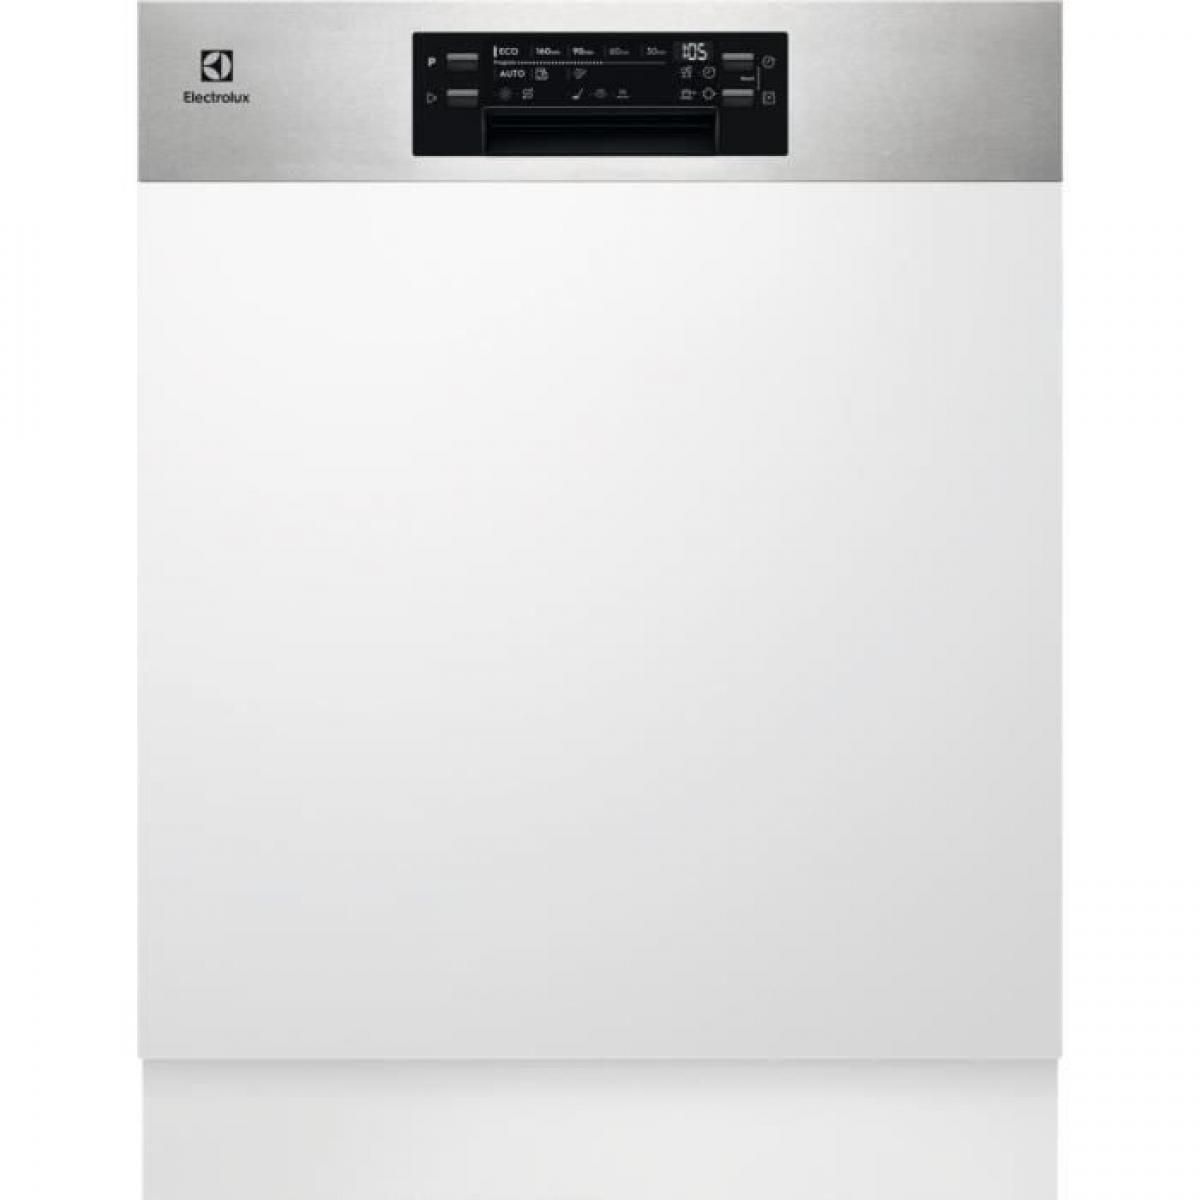 Electrolux Lave-vaisselle encastrable ELECTROLUX EEM69300IX - 15 couverts - Moteur induction - Largeur 60cm - 44 dB